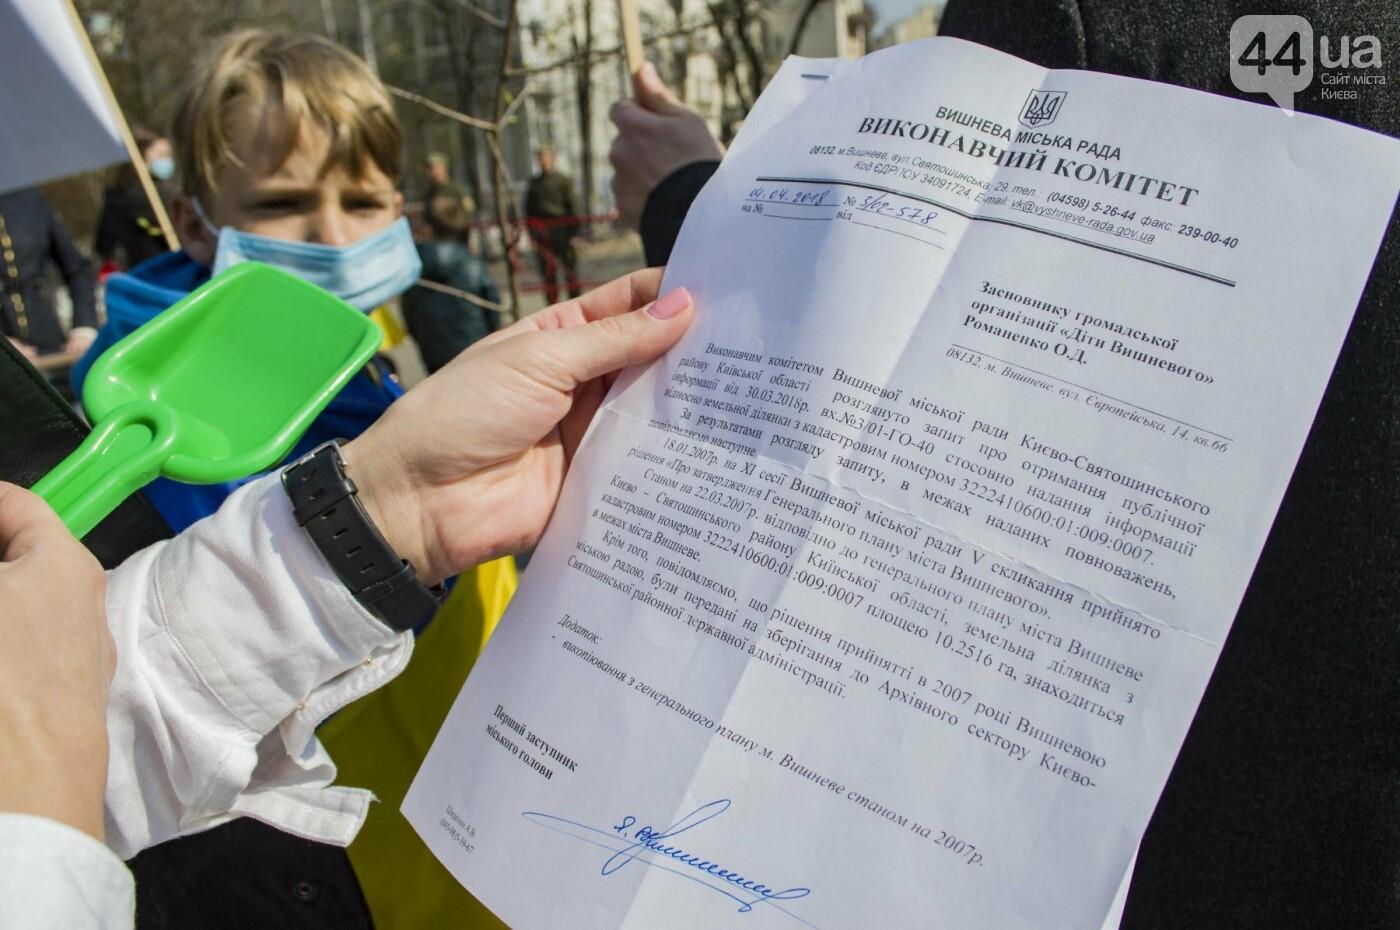 Под Киевом вместо школы хотят построить многоэтажку: жители вышли на митинг, фото-7